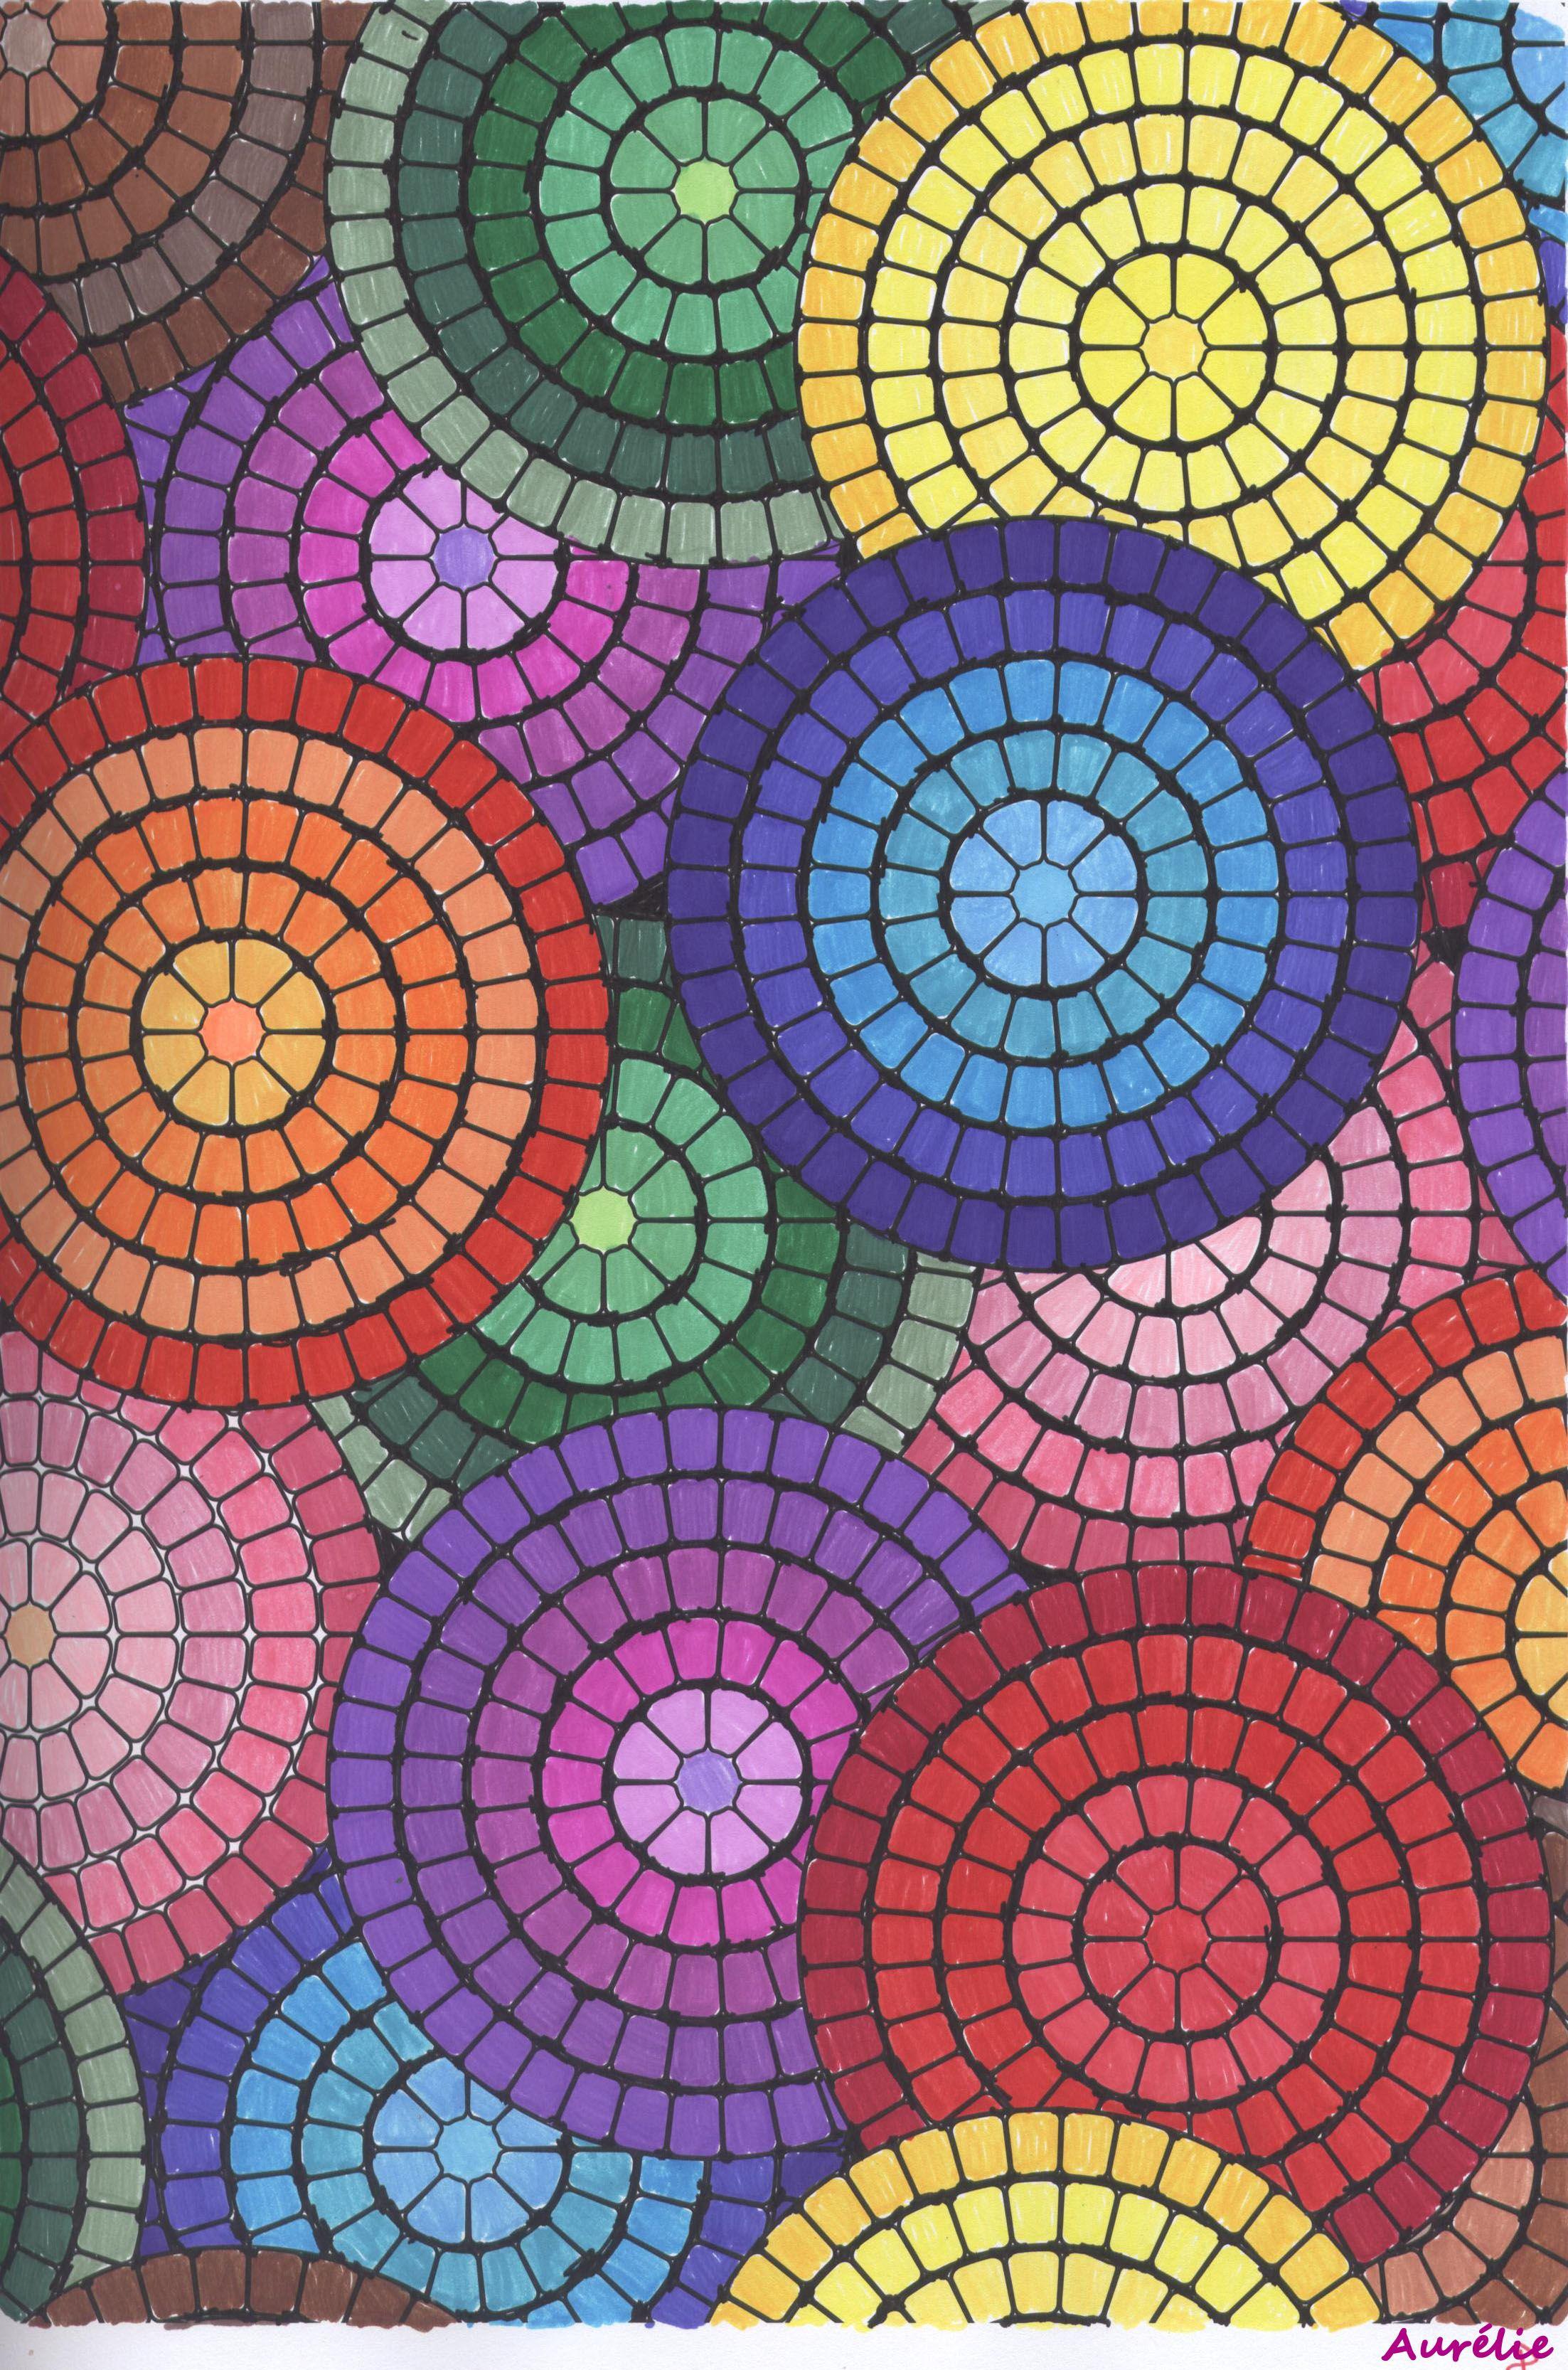 Pin de Moniquí en Coloring | Pinterest | Mosaicos, Puros y Artesanía